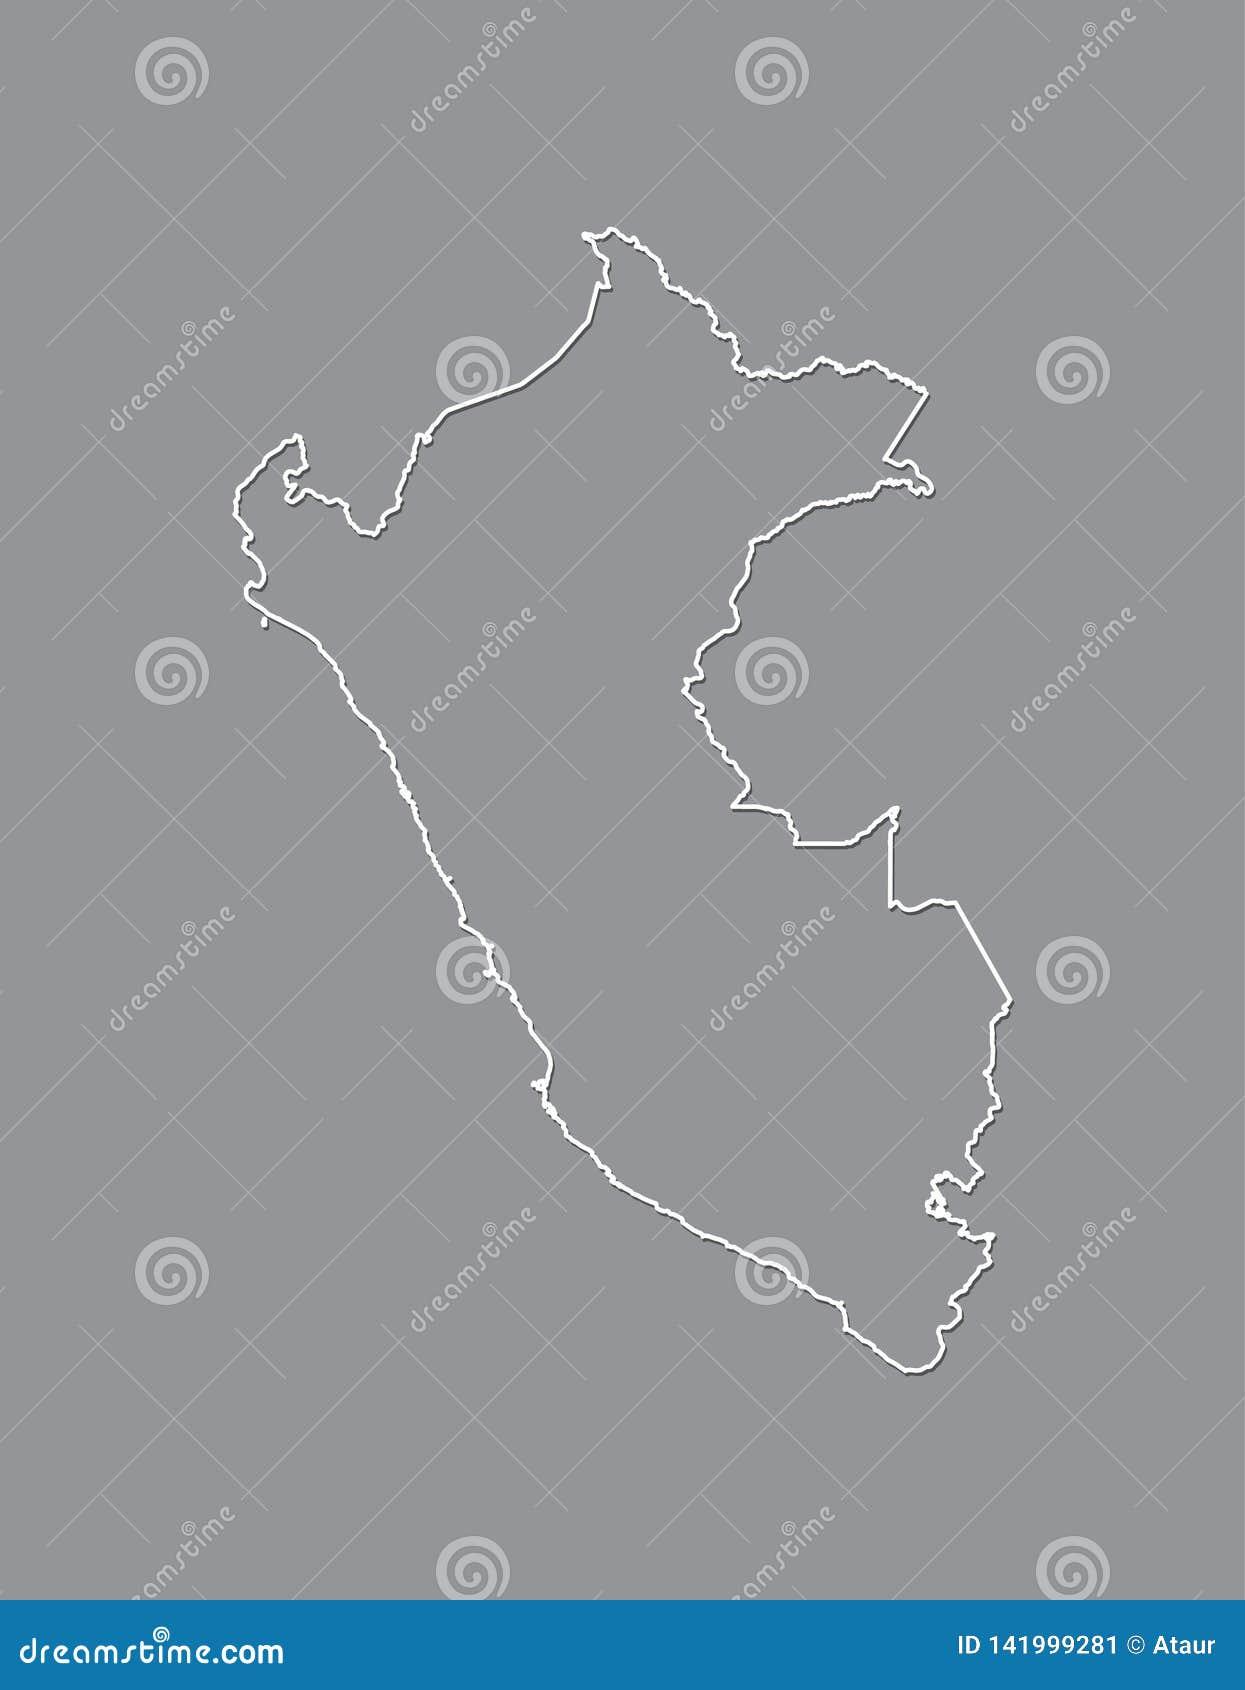 Peru-Vektorkarte mit einzelner Grenze Grenze unter Verwendung der weißen Farbe auf dunkler Hintergrundillustration